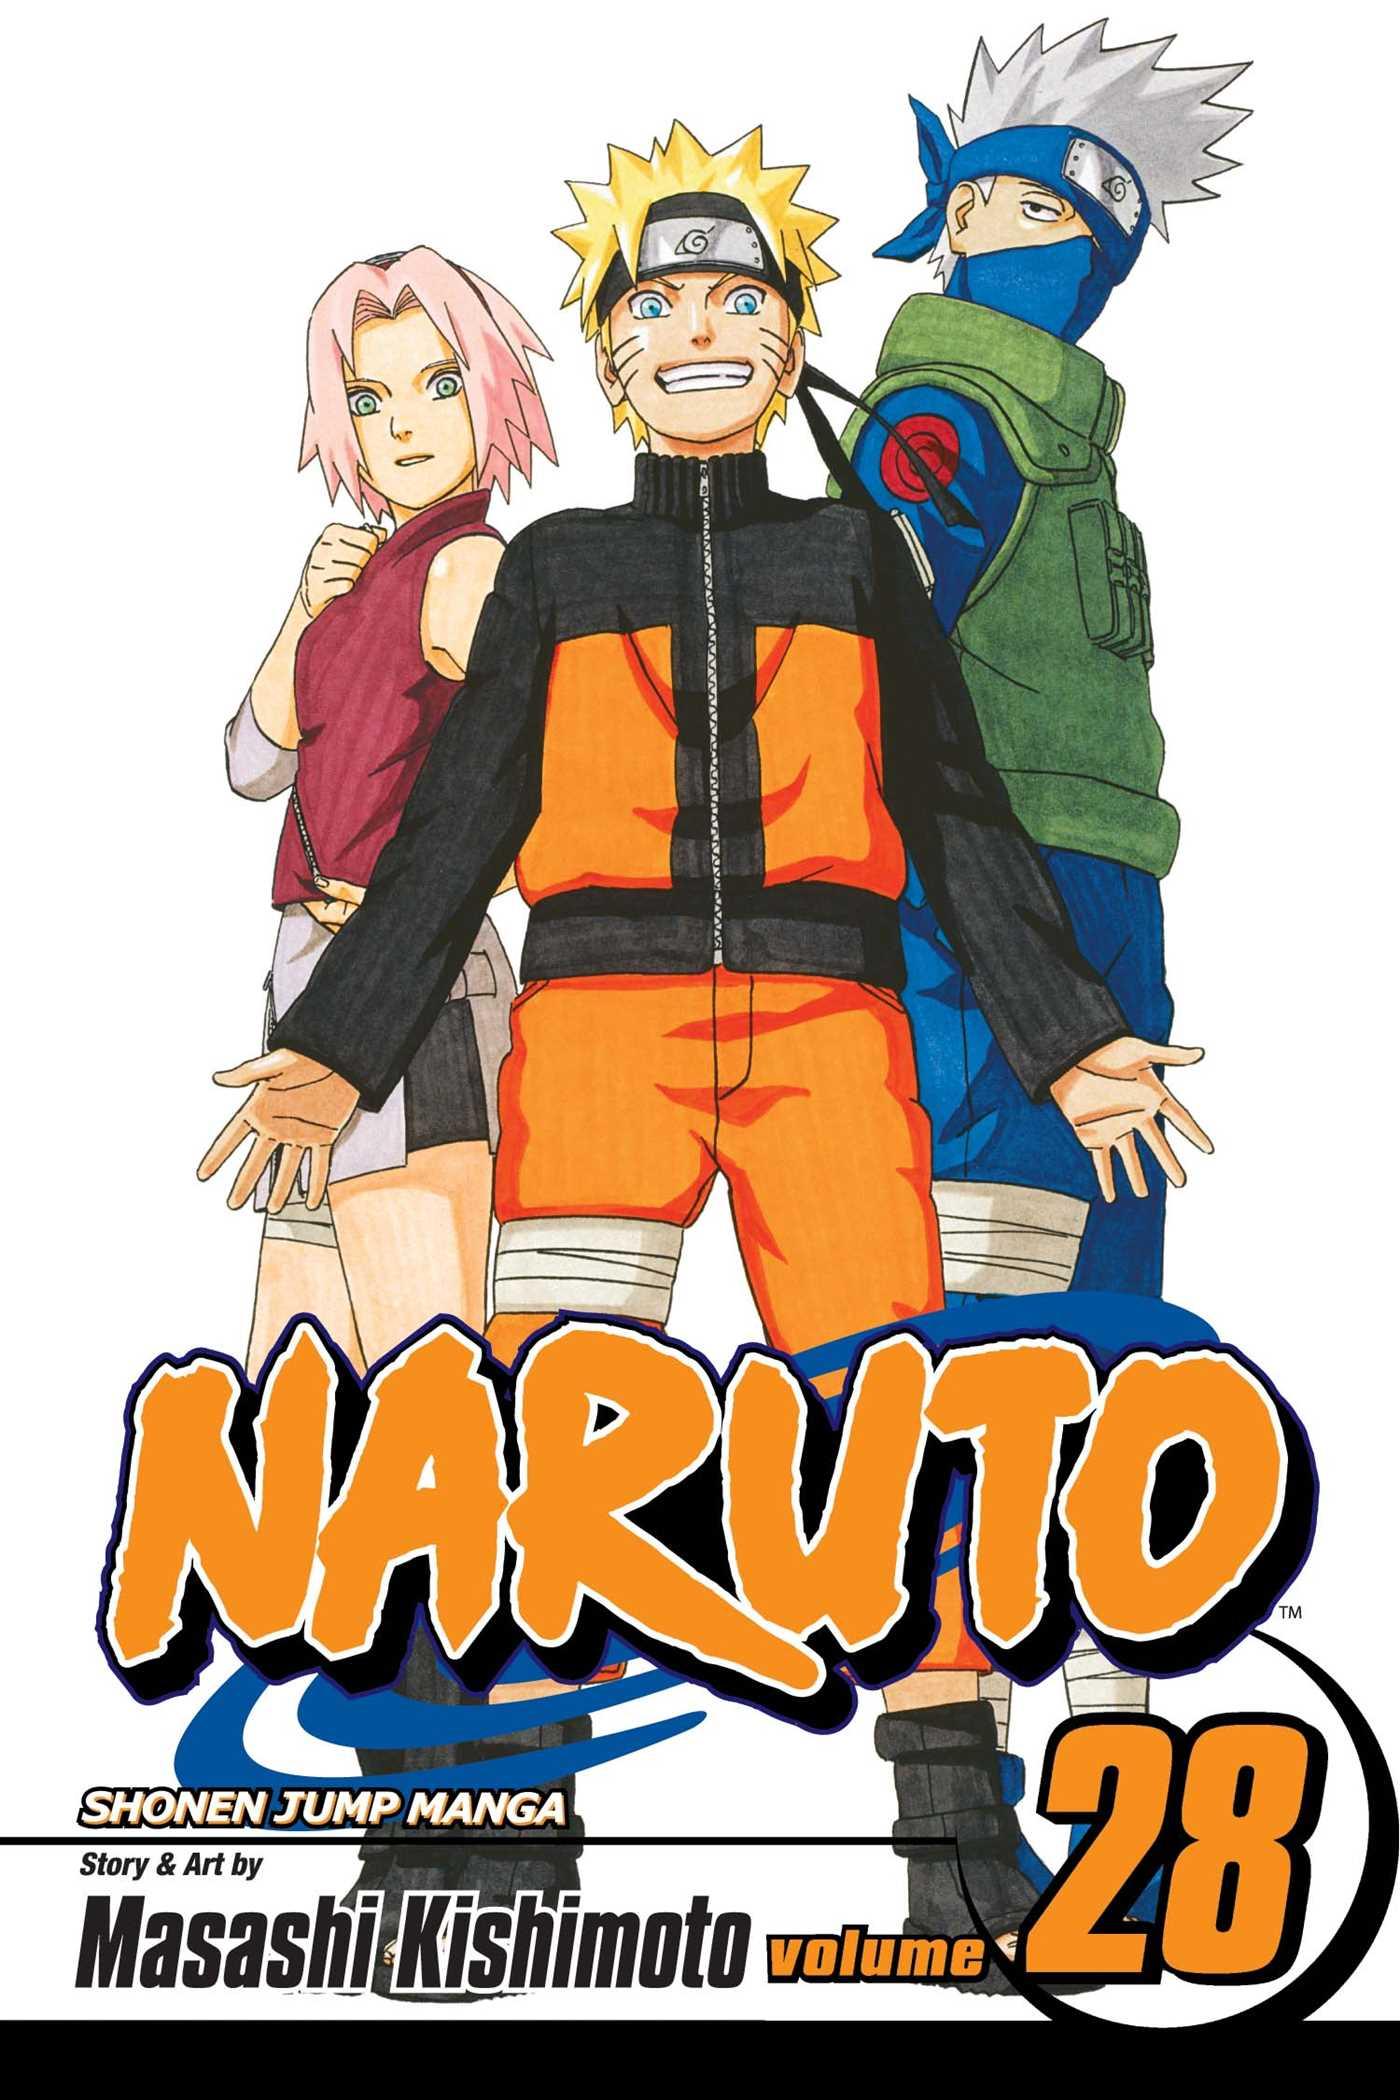 Naruto, Vol. 28 | Book by Masashi Kishimoto | Official